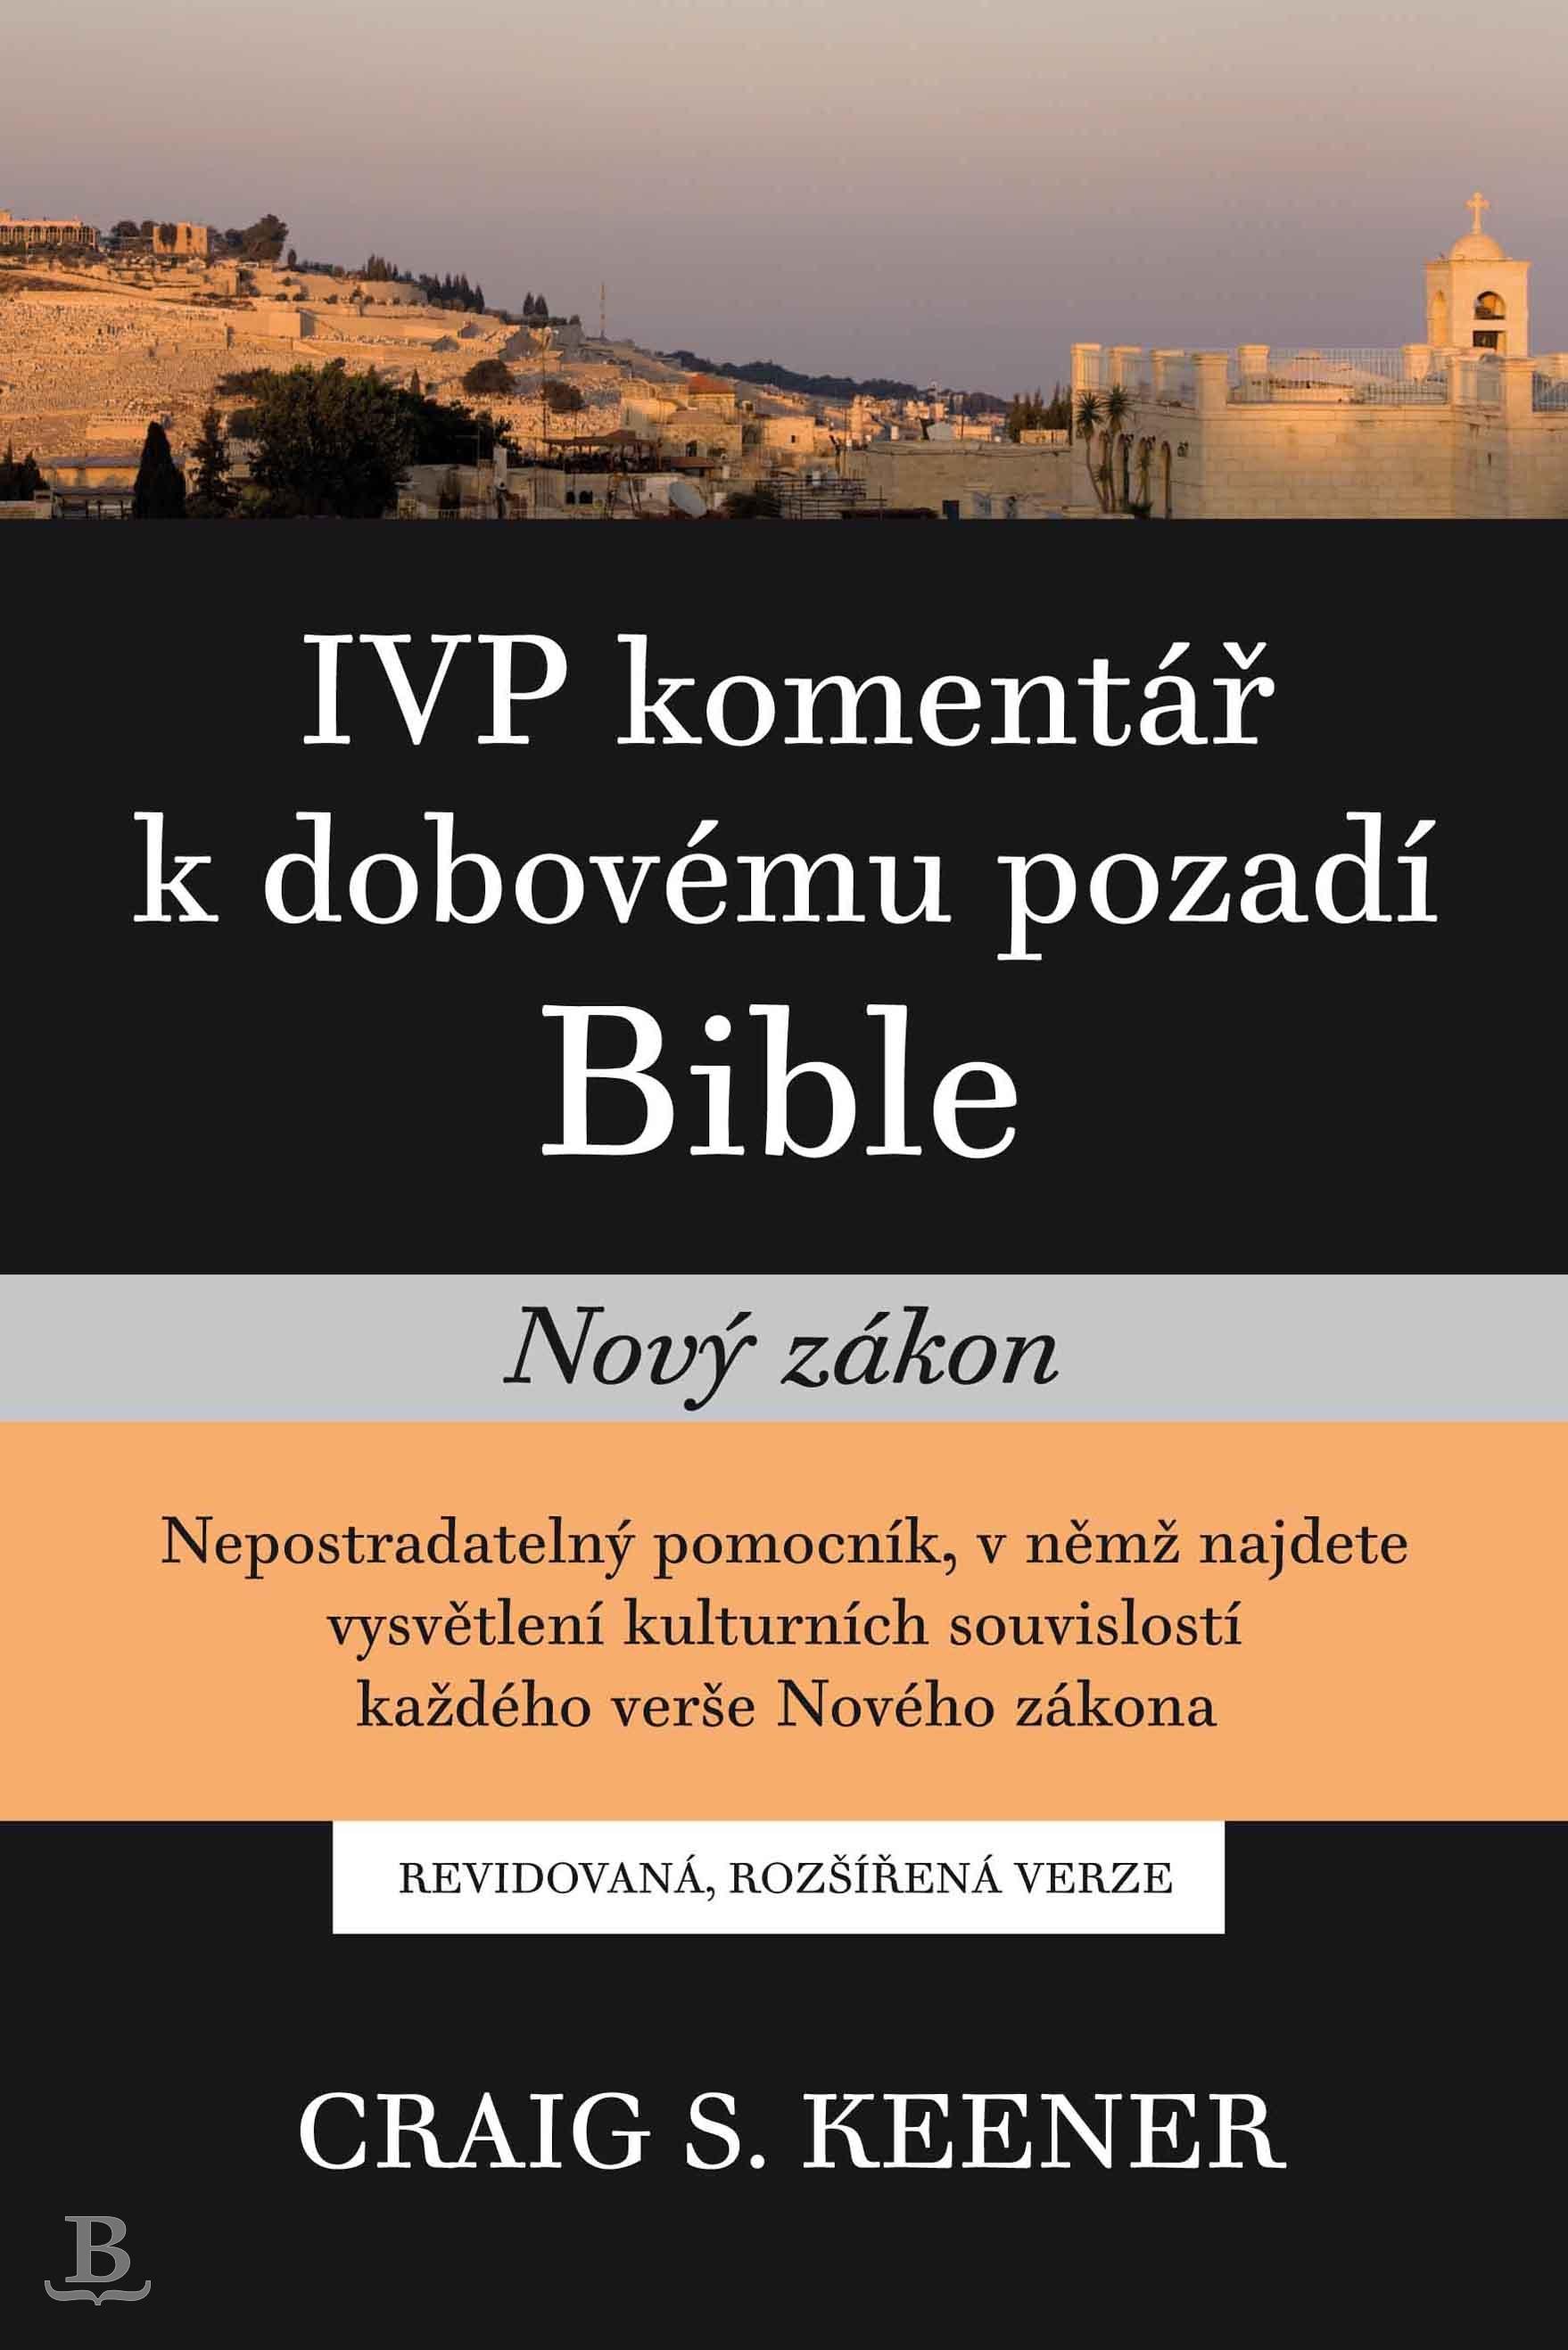 IVP komentář k dobovému pozadí Bible – Nový zákon